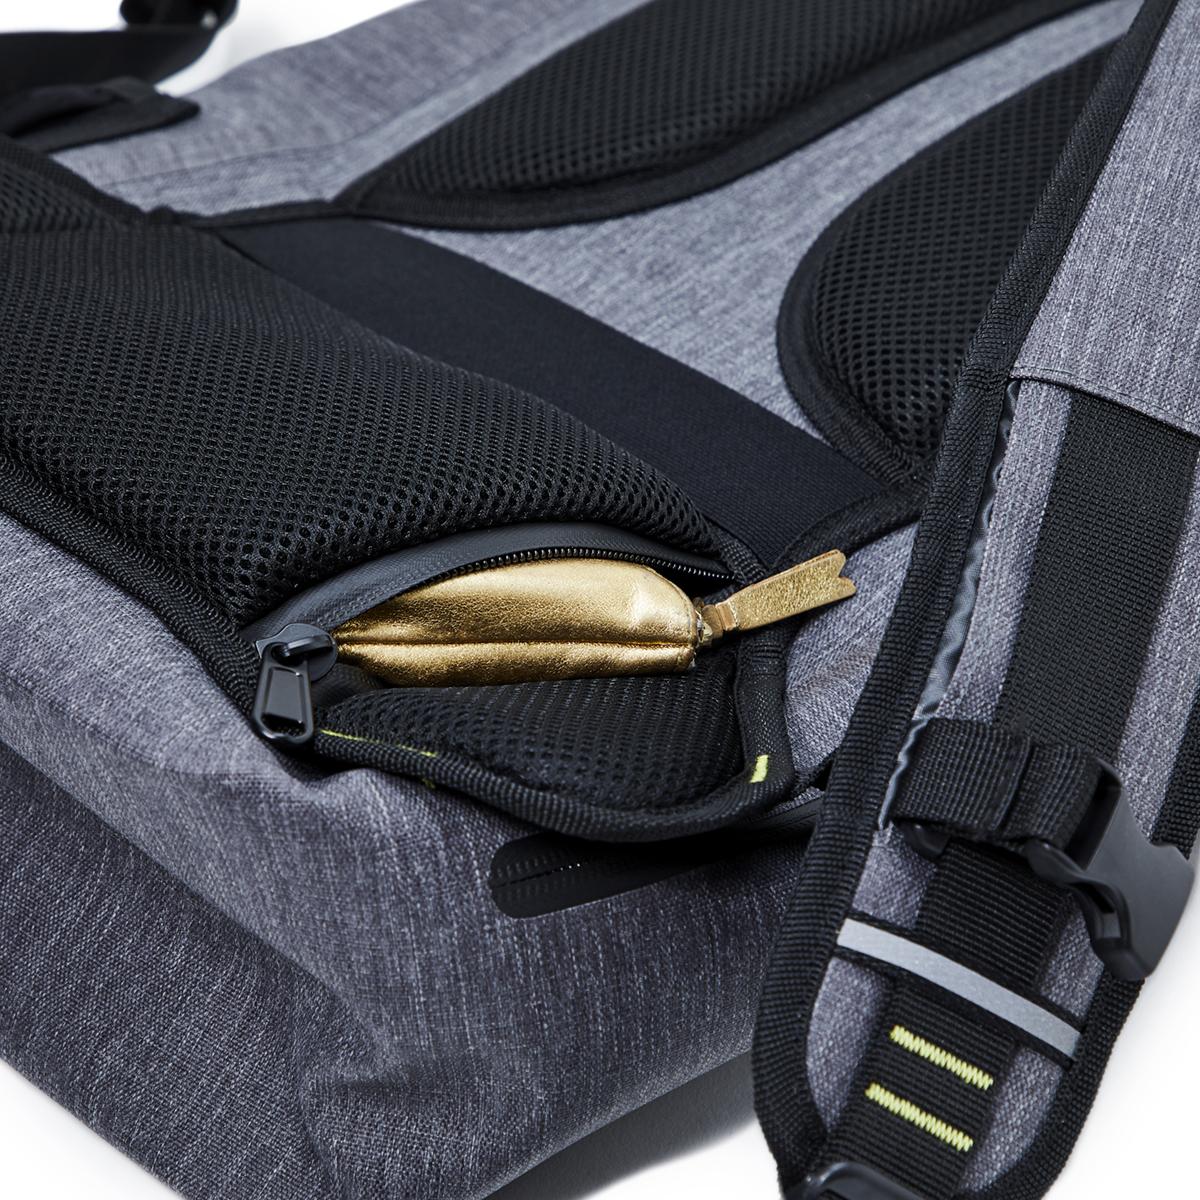 隠しポケットも完備したハイテク収納の都会的なバックパック《DAYPACK》|Code 10(コードテン)